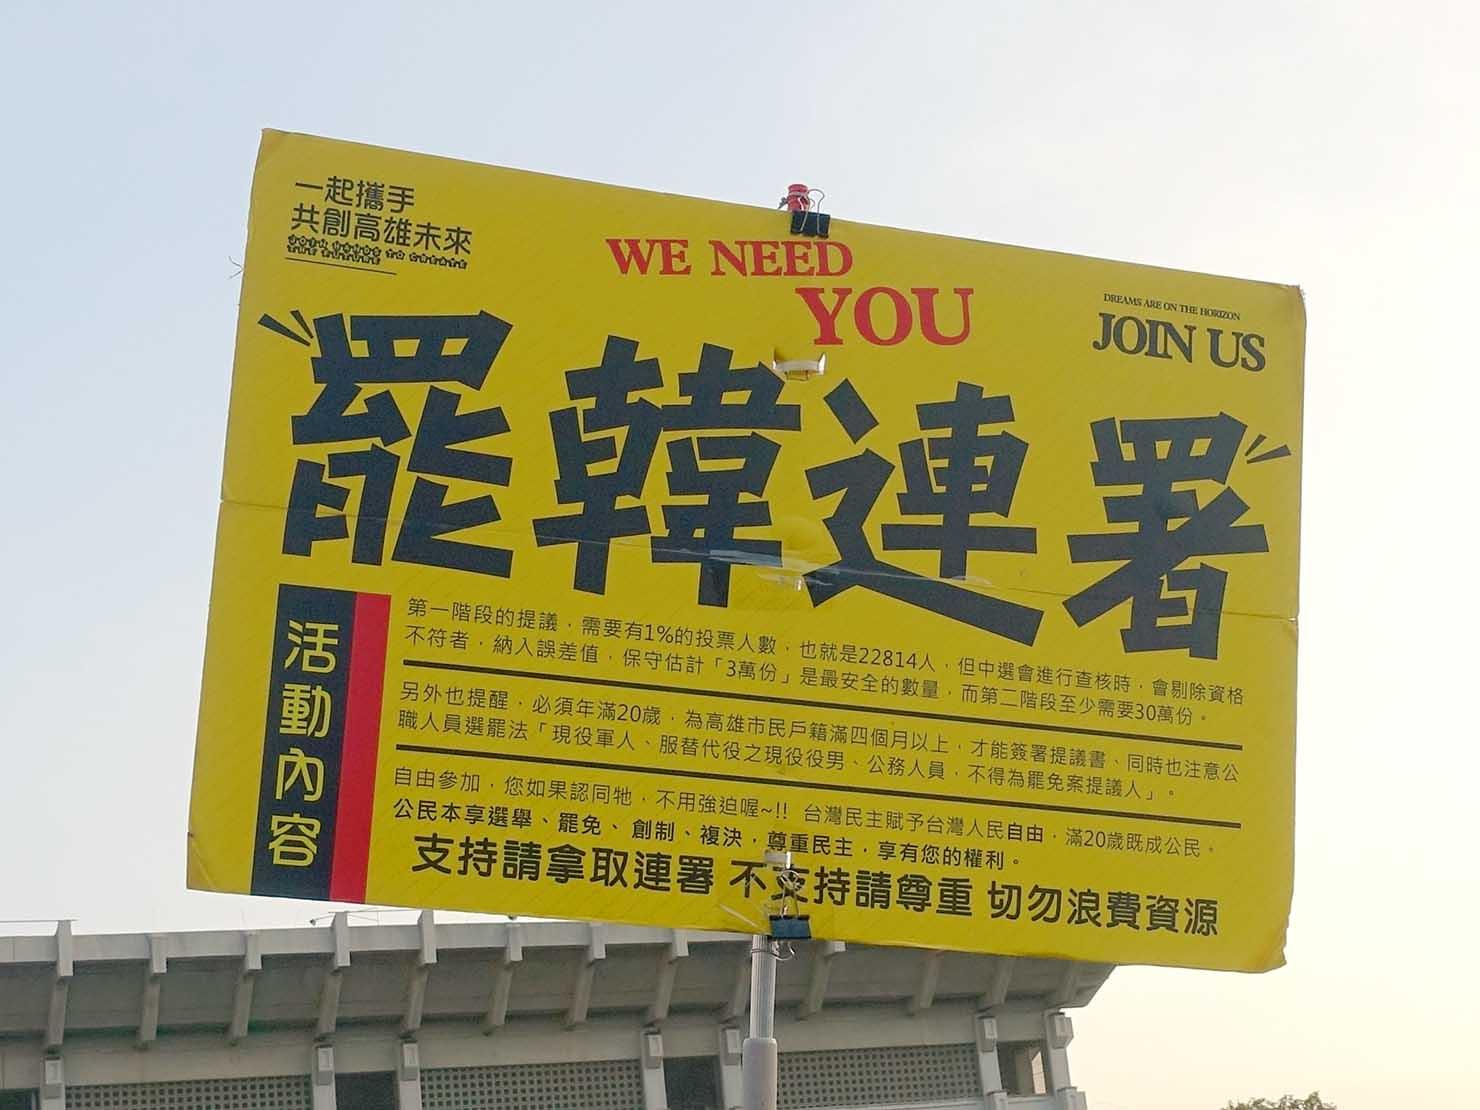 「高雄同志大遊行(高雄プライド)」2019の会場で高雄市長に反対する署名を呼びかけるプラカード